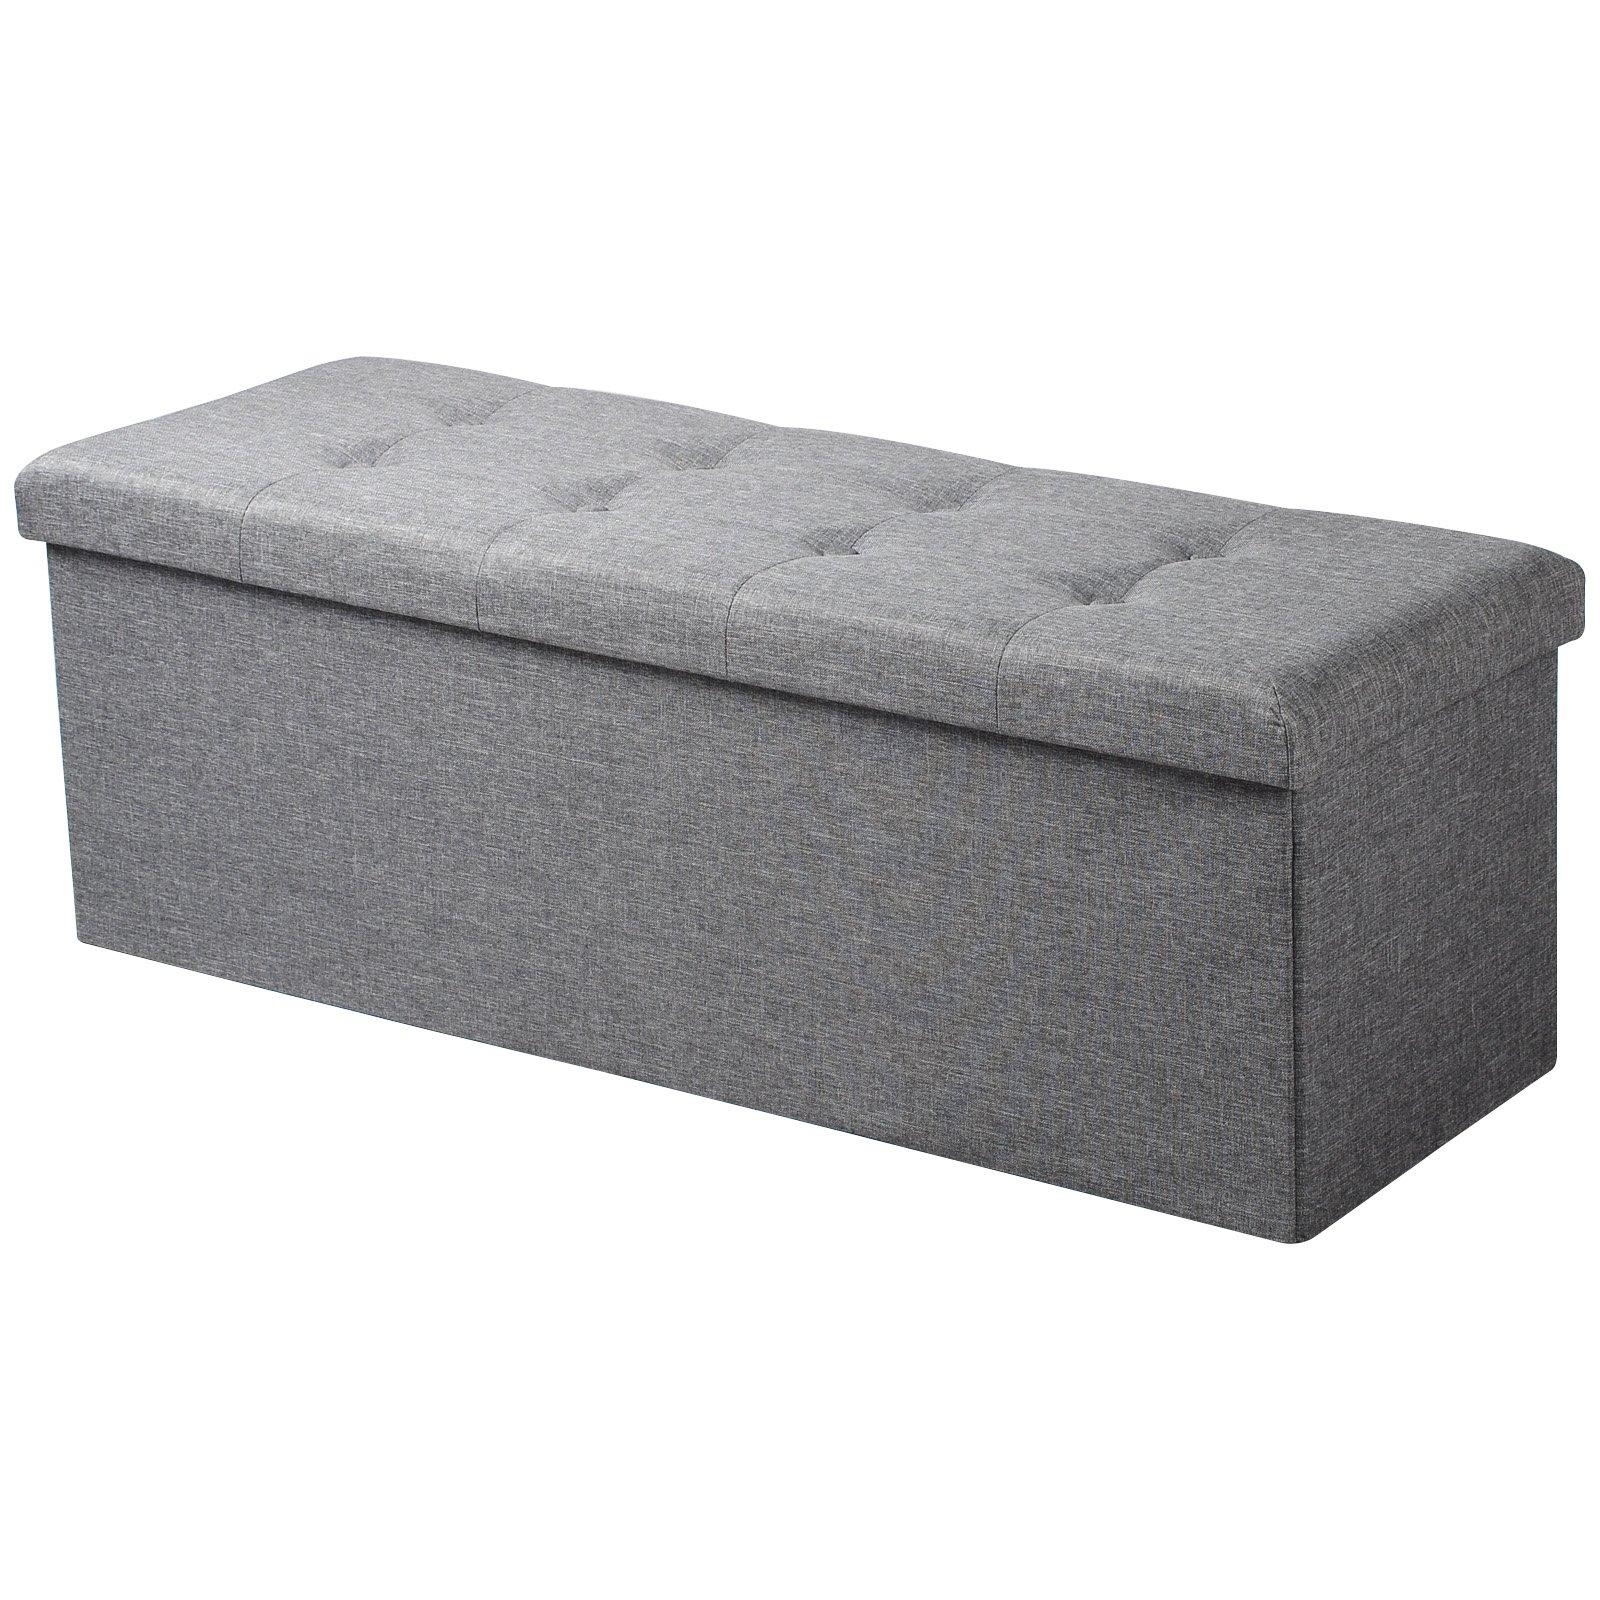 Grey Large Linen Folding Storage Ottoman Pouffe Seat Foot Stool Storage Box UK